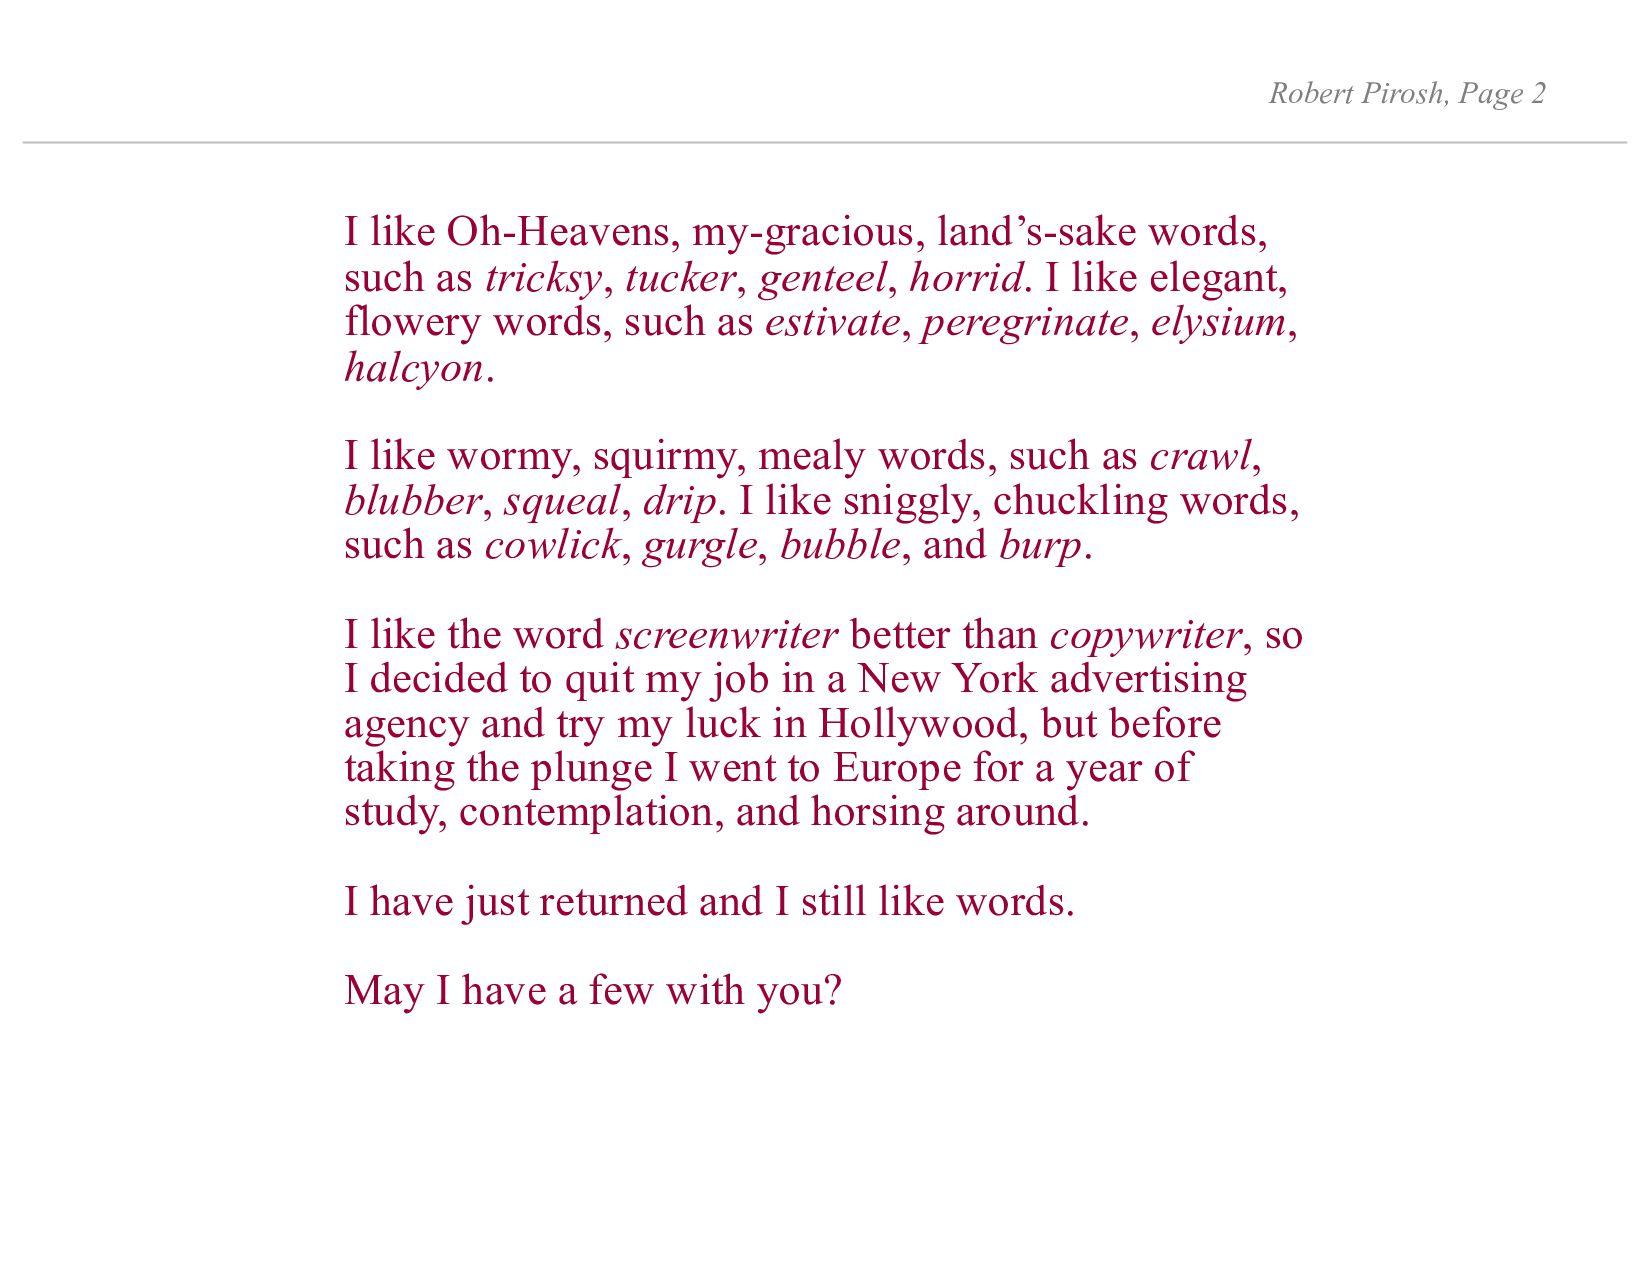 Dear Sir: I like words. I like fat buttery word...